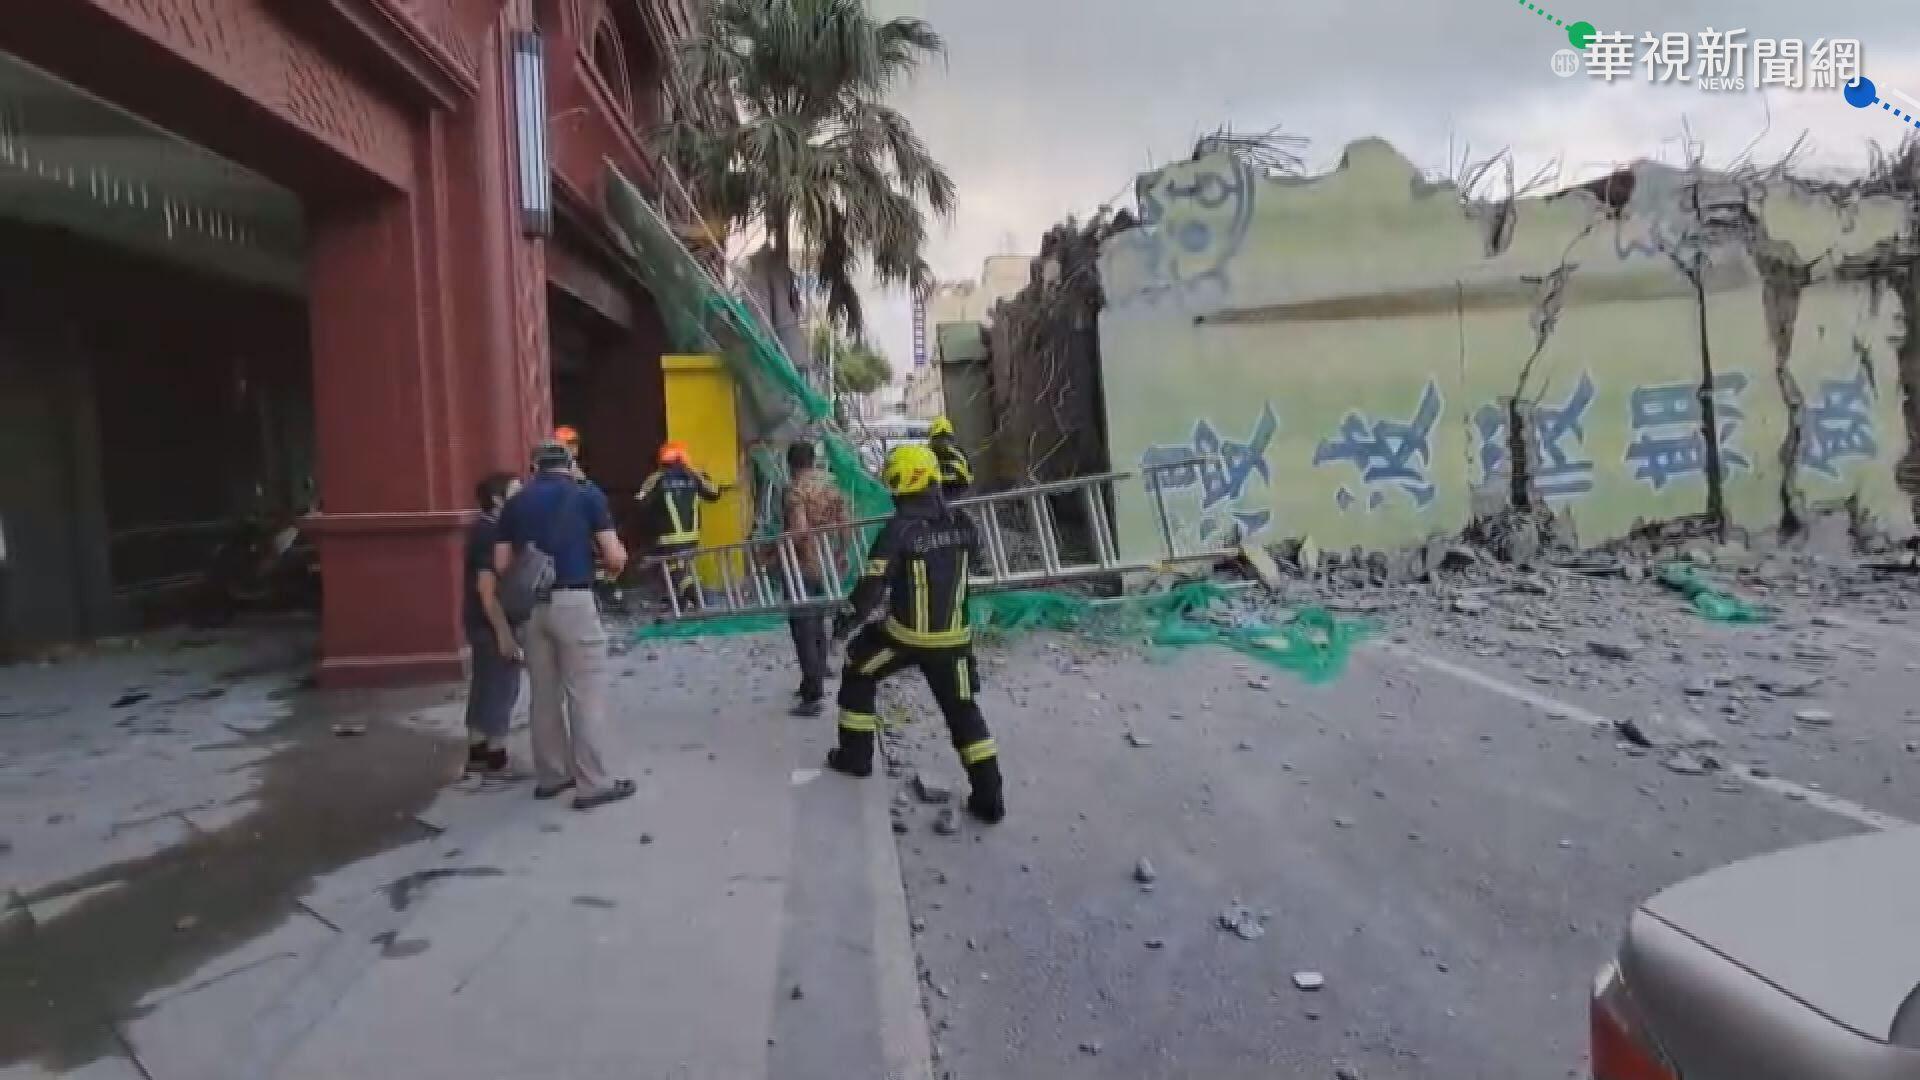 漫波飯店拆除倒塌 初步確認無人傷亡